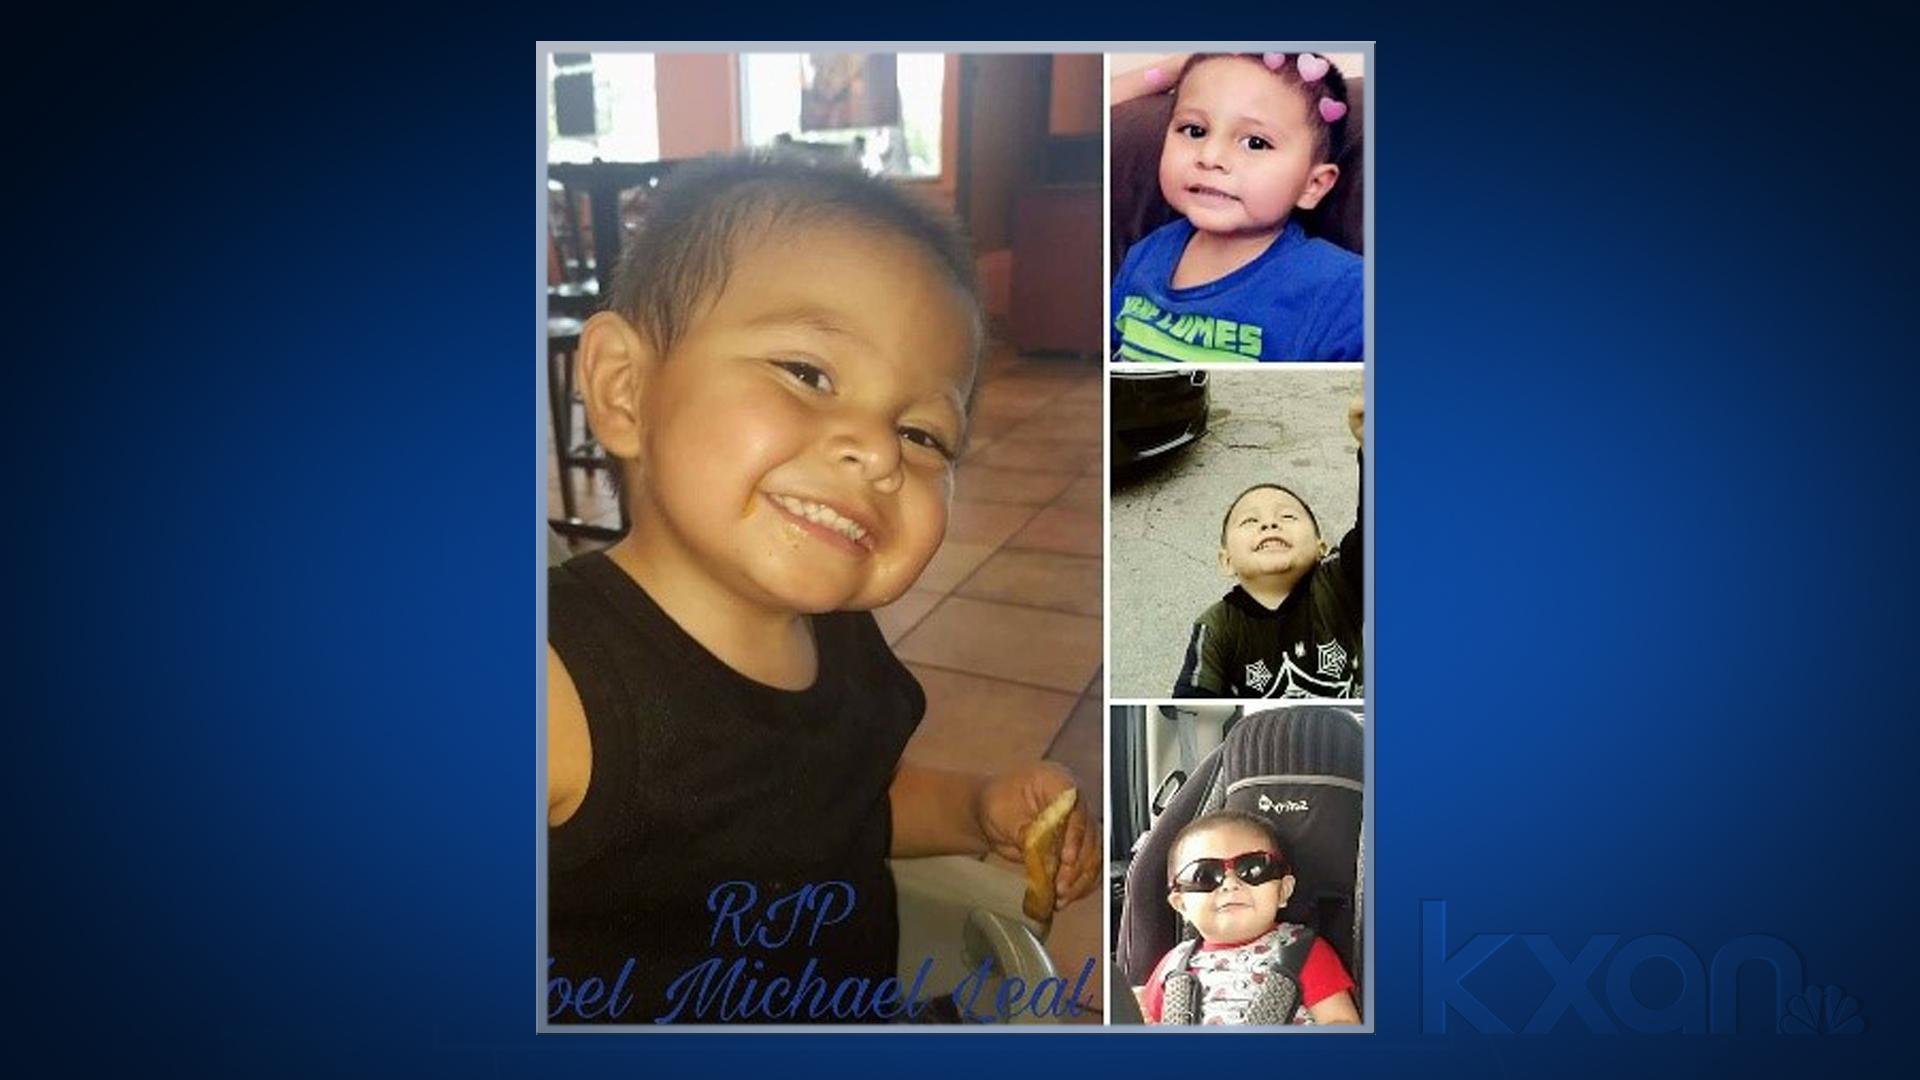 Noel Leal - 2-year-old killed-846655081